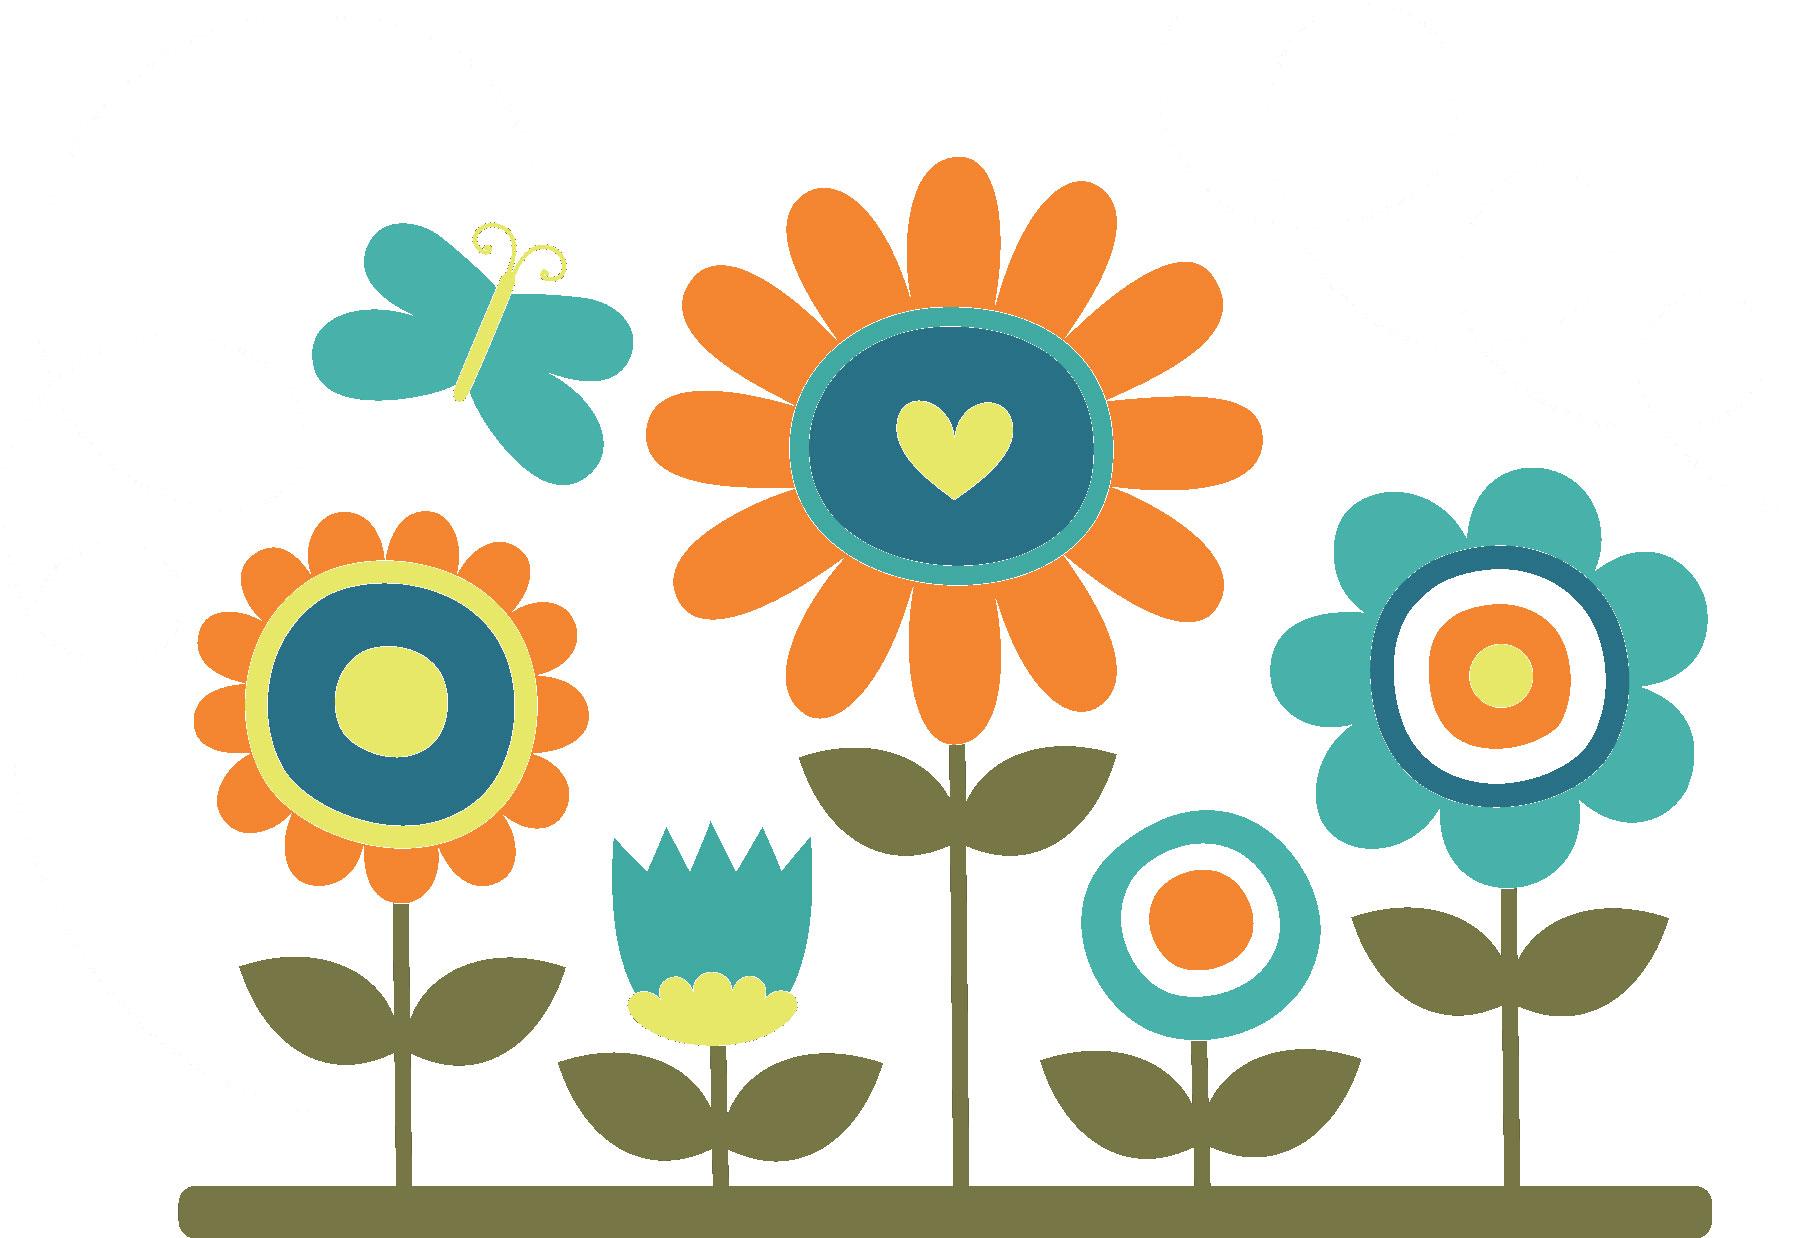 ポップでかわいい花のイラスト・フリー素材/no.154『背比べ・ハート・蝶』